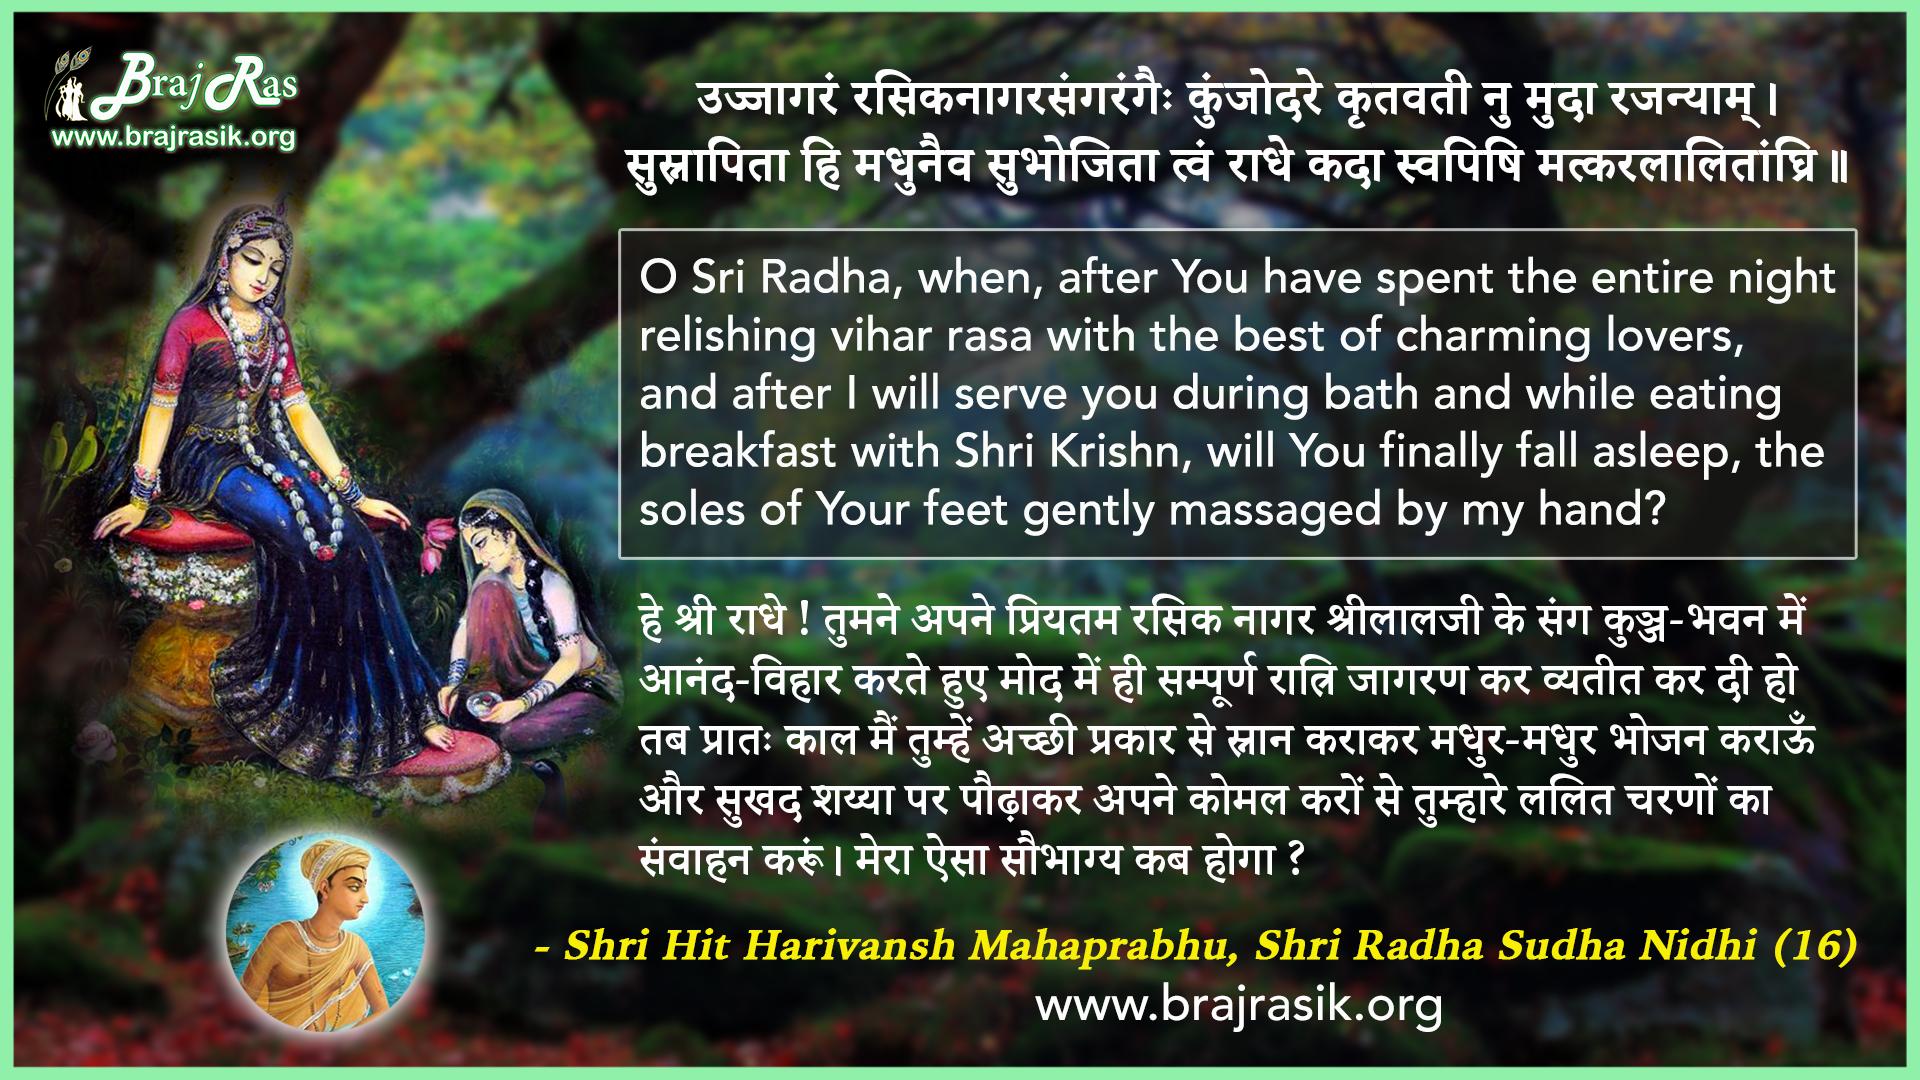 Ujjagaram Rasiknagarsangrangaih - Shri Hit Harivansh Mahaprabhu, Shri Radha Sudha Nidhi (16)